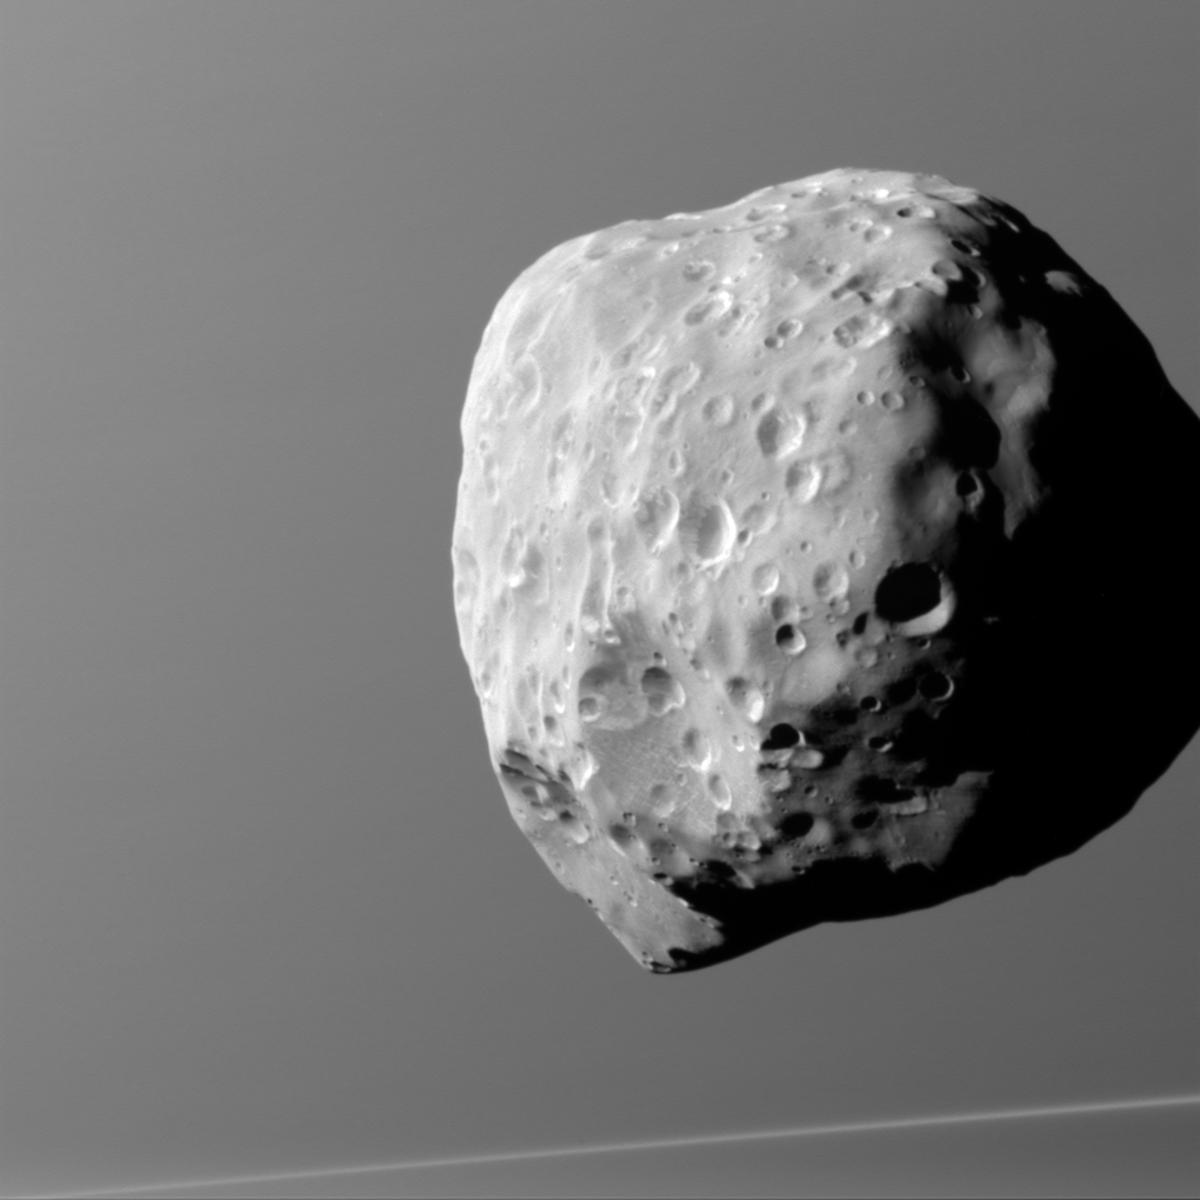 Epimetheus at 1,670 miles away, taken on Dec. 6, 2015.